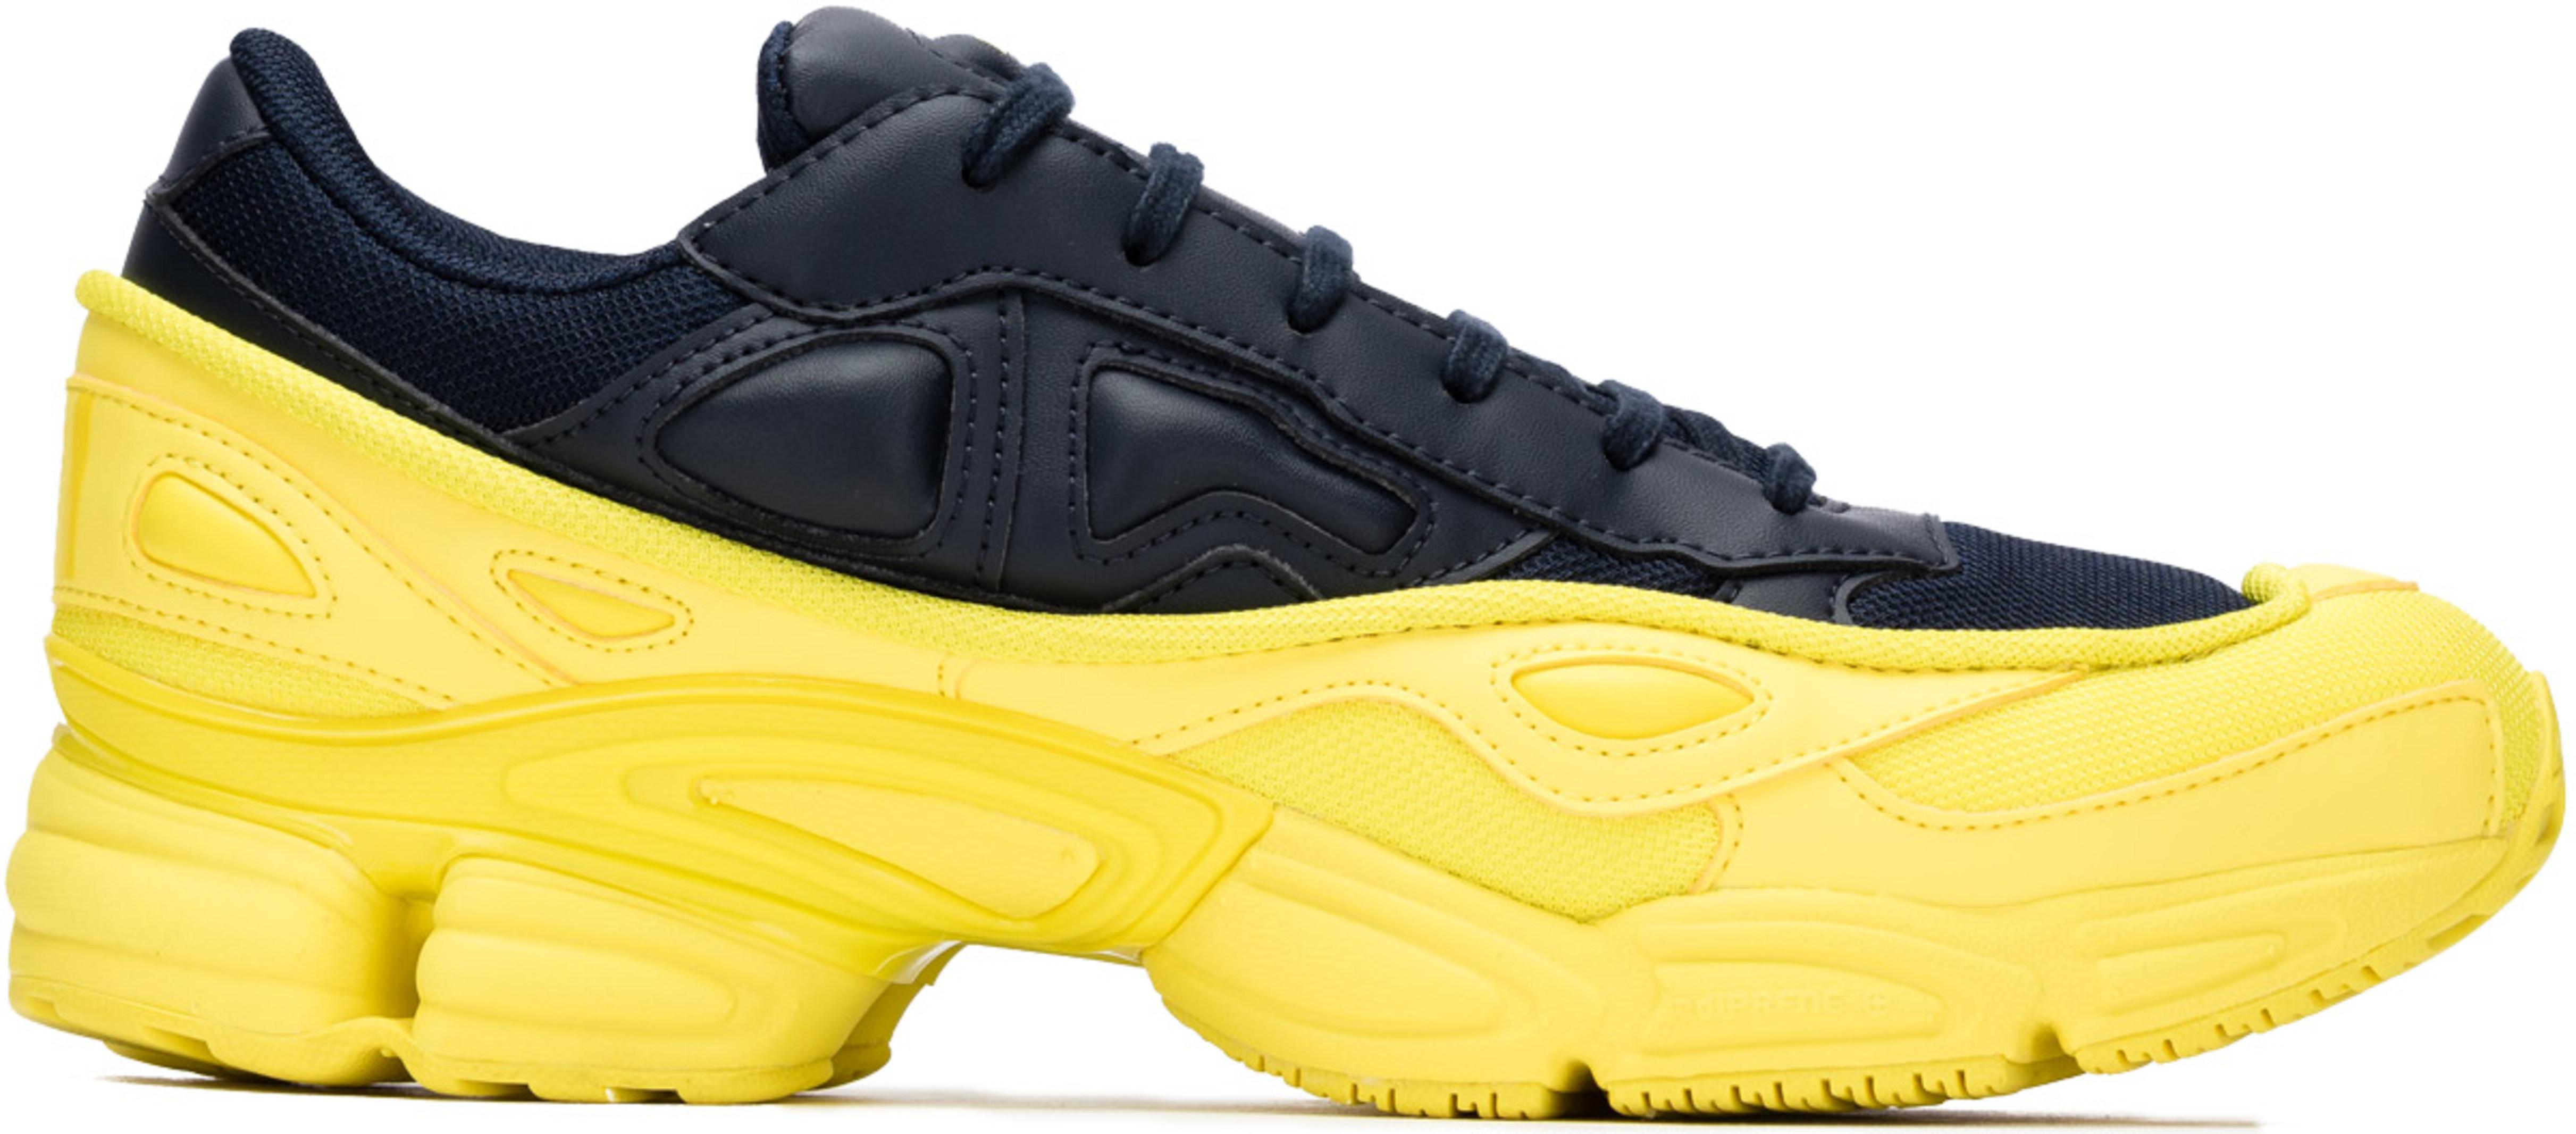 adidas ozweego adiprene jaune